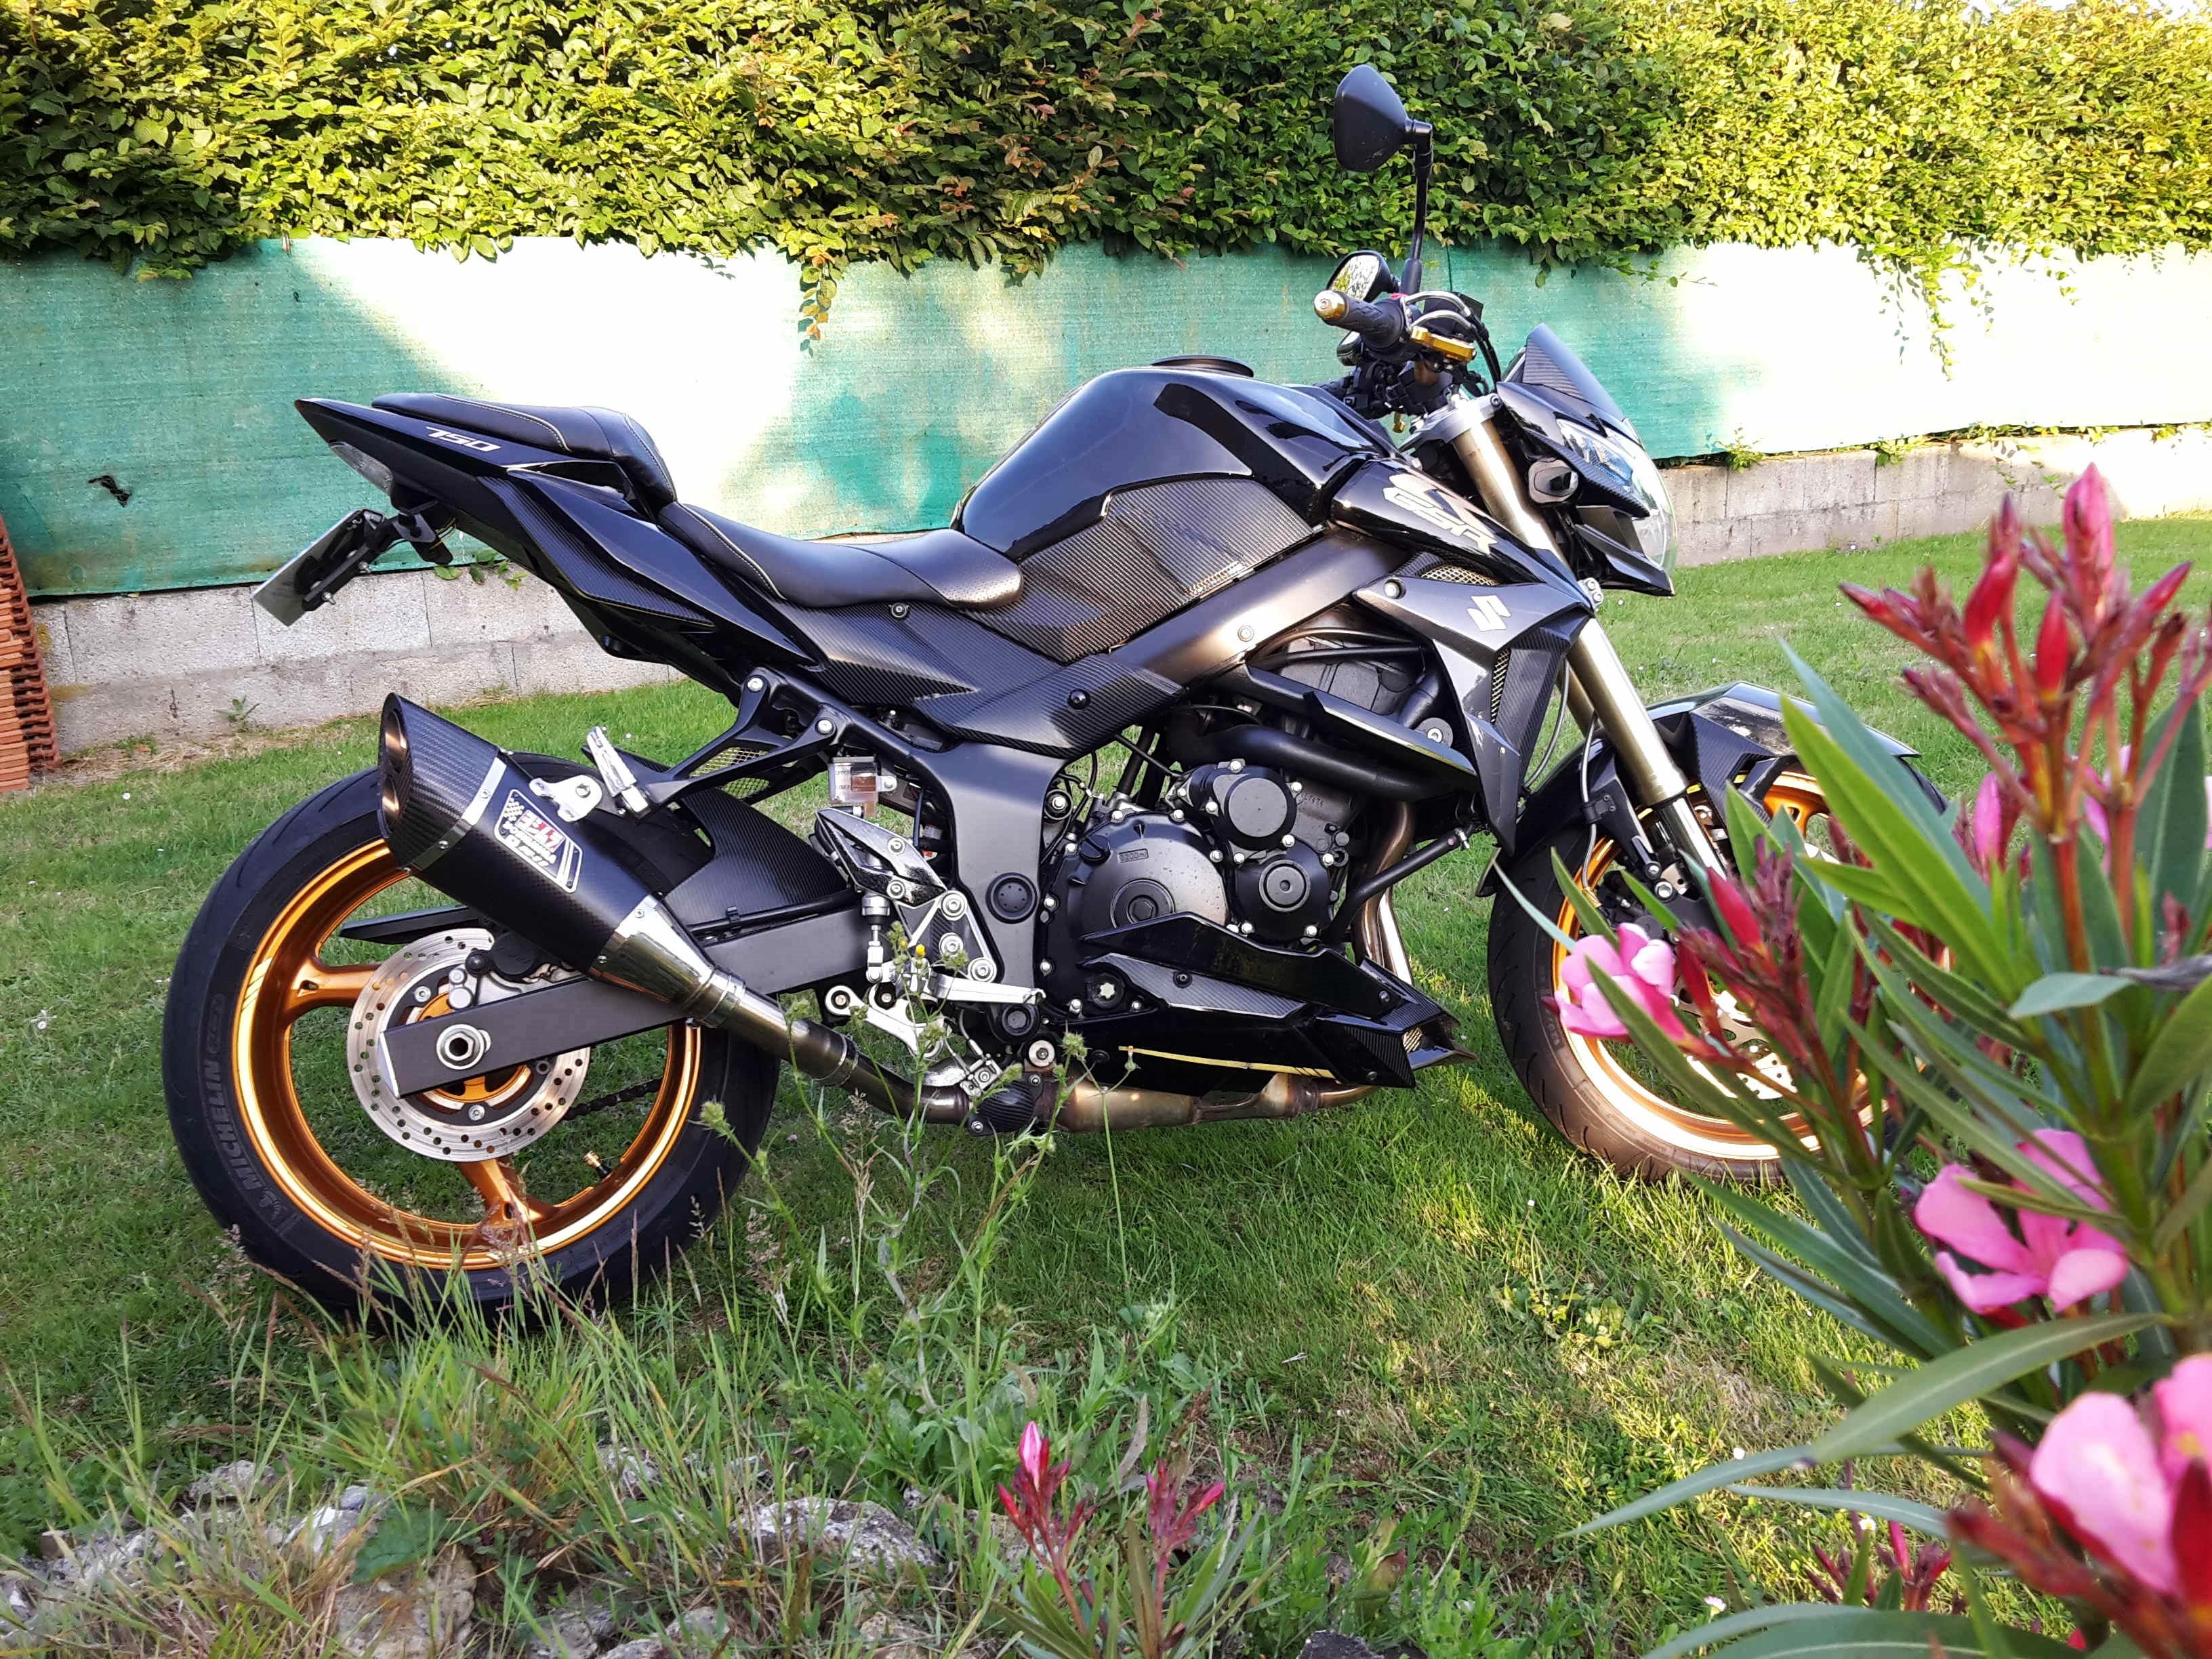 Recherche photos Yoshimura R11 monté sur notre belle Gsr - Page 10 150731111705351495